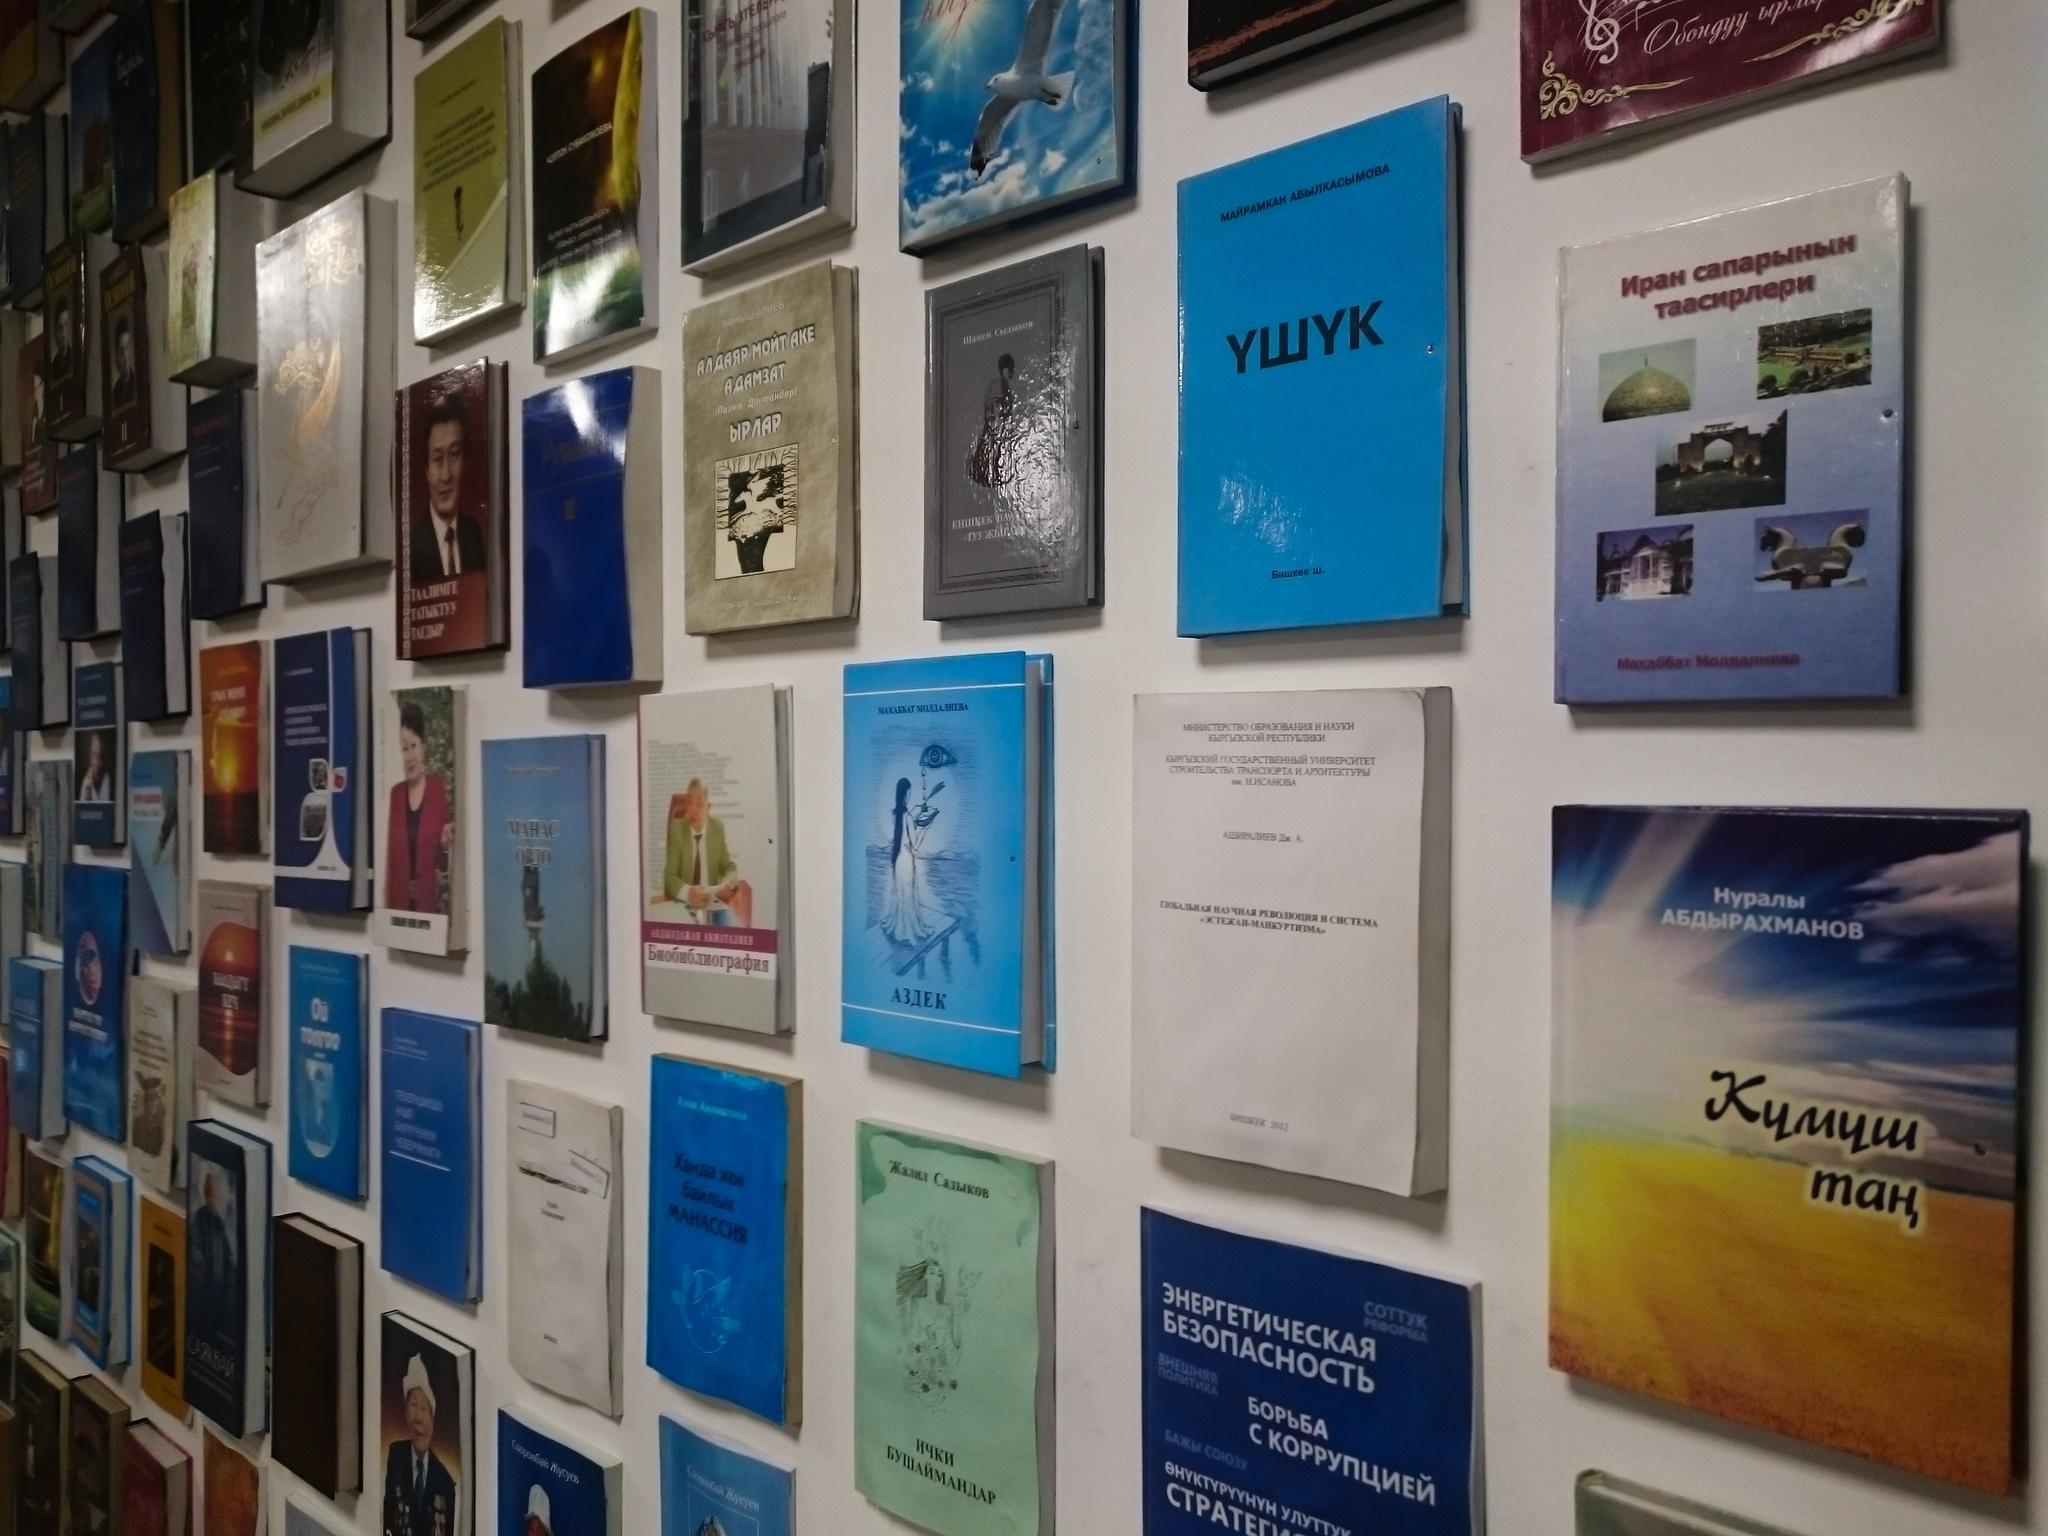 Bücher in der Bischkeker Radiostation